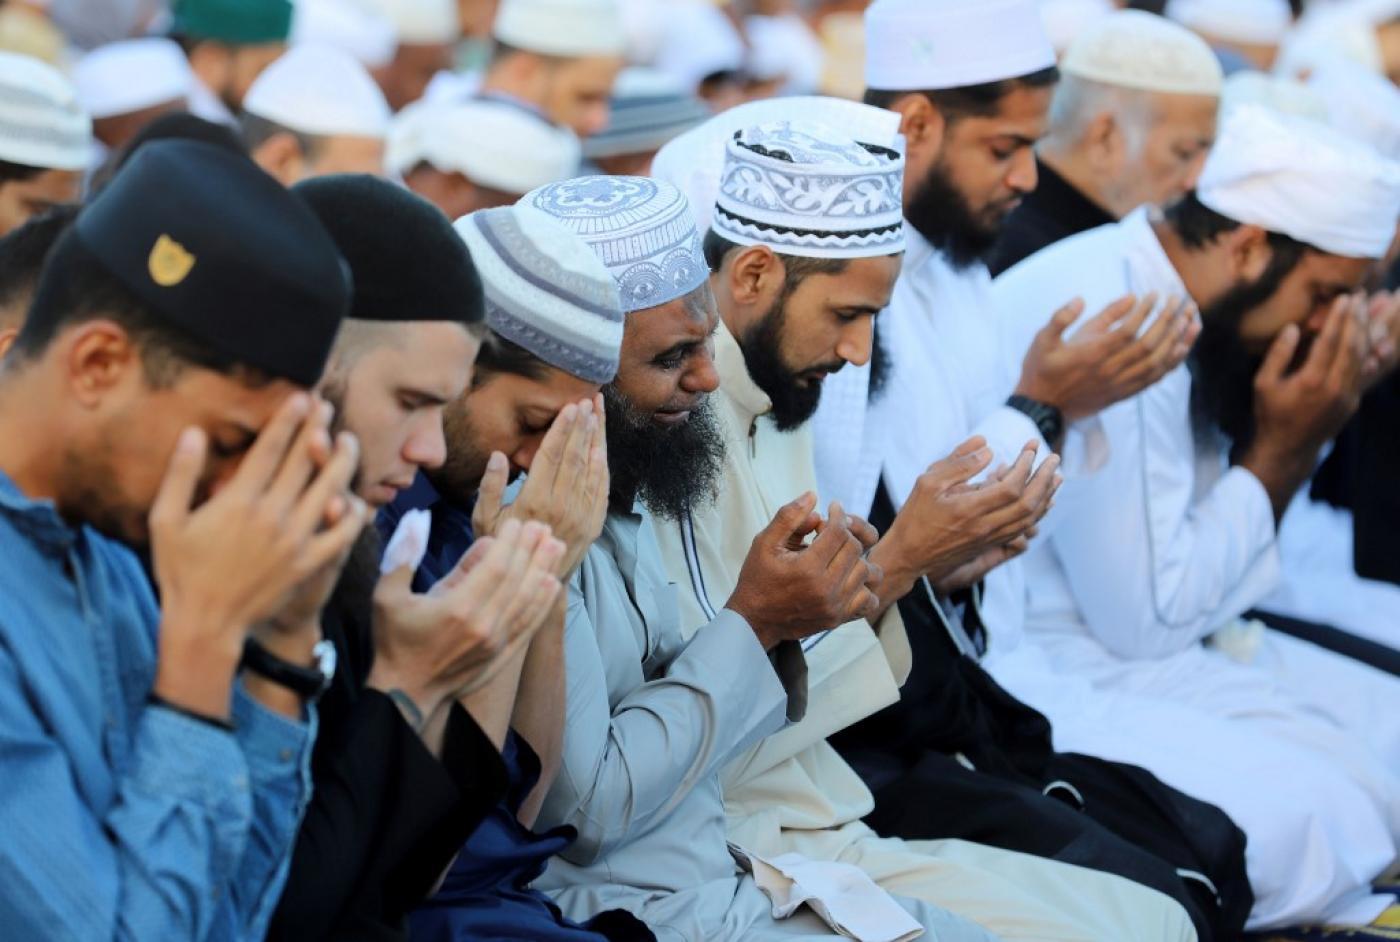 Des musulmans français prient pendant le Ramadan en juin 2018 (AFP)